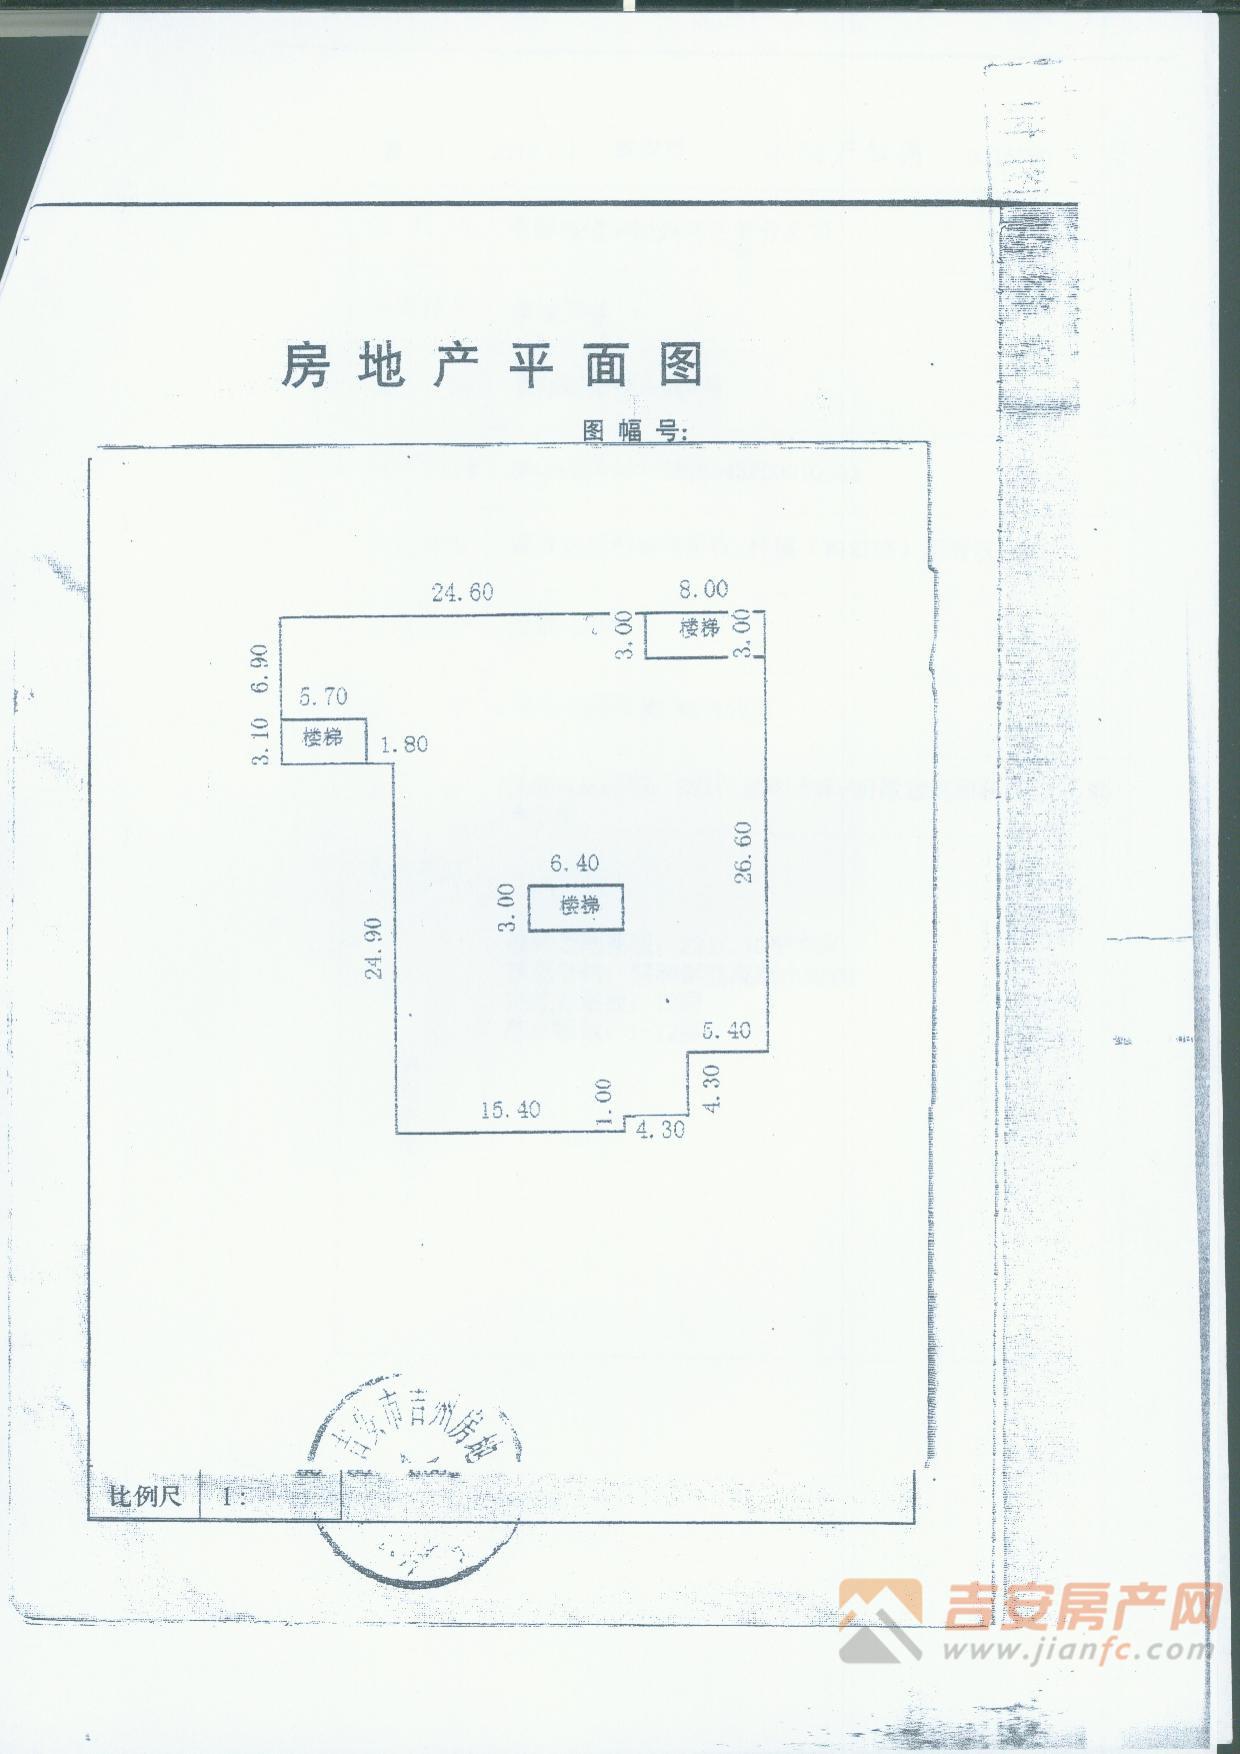 房地产平面图-吉安房产网